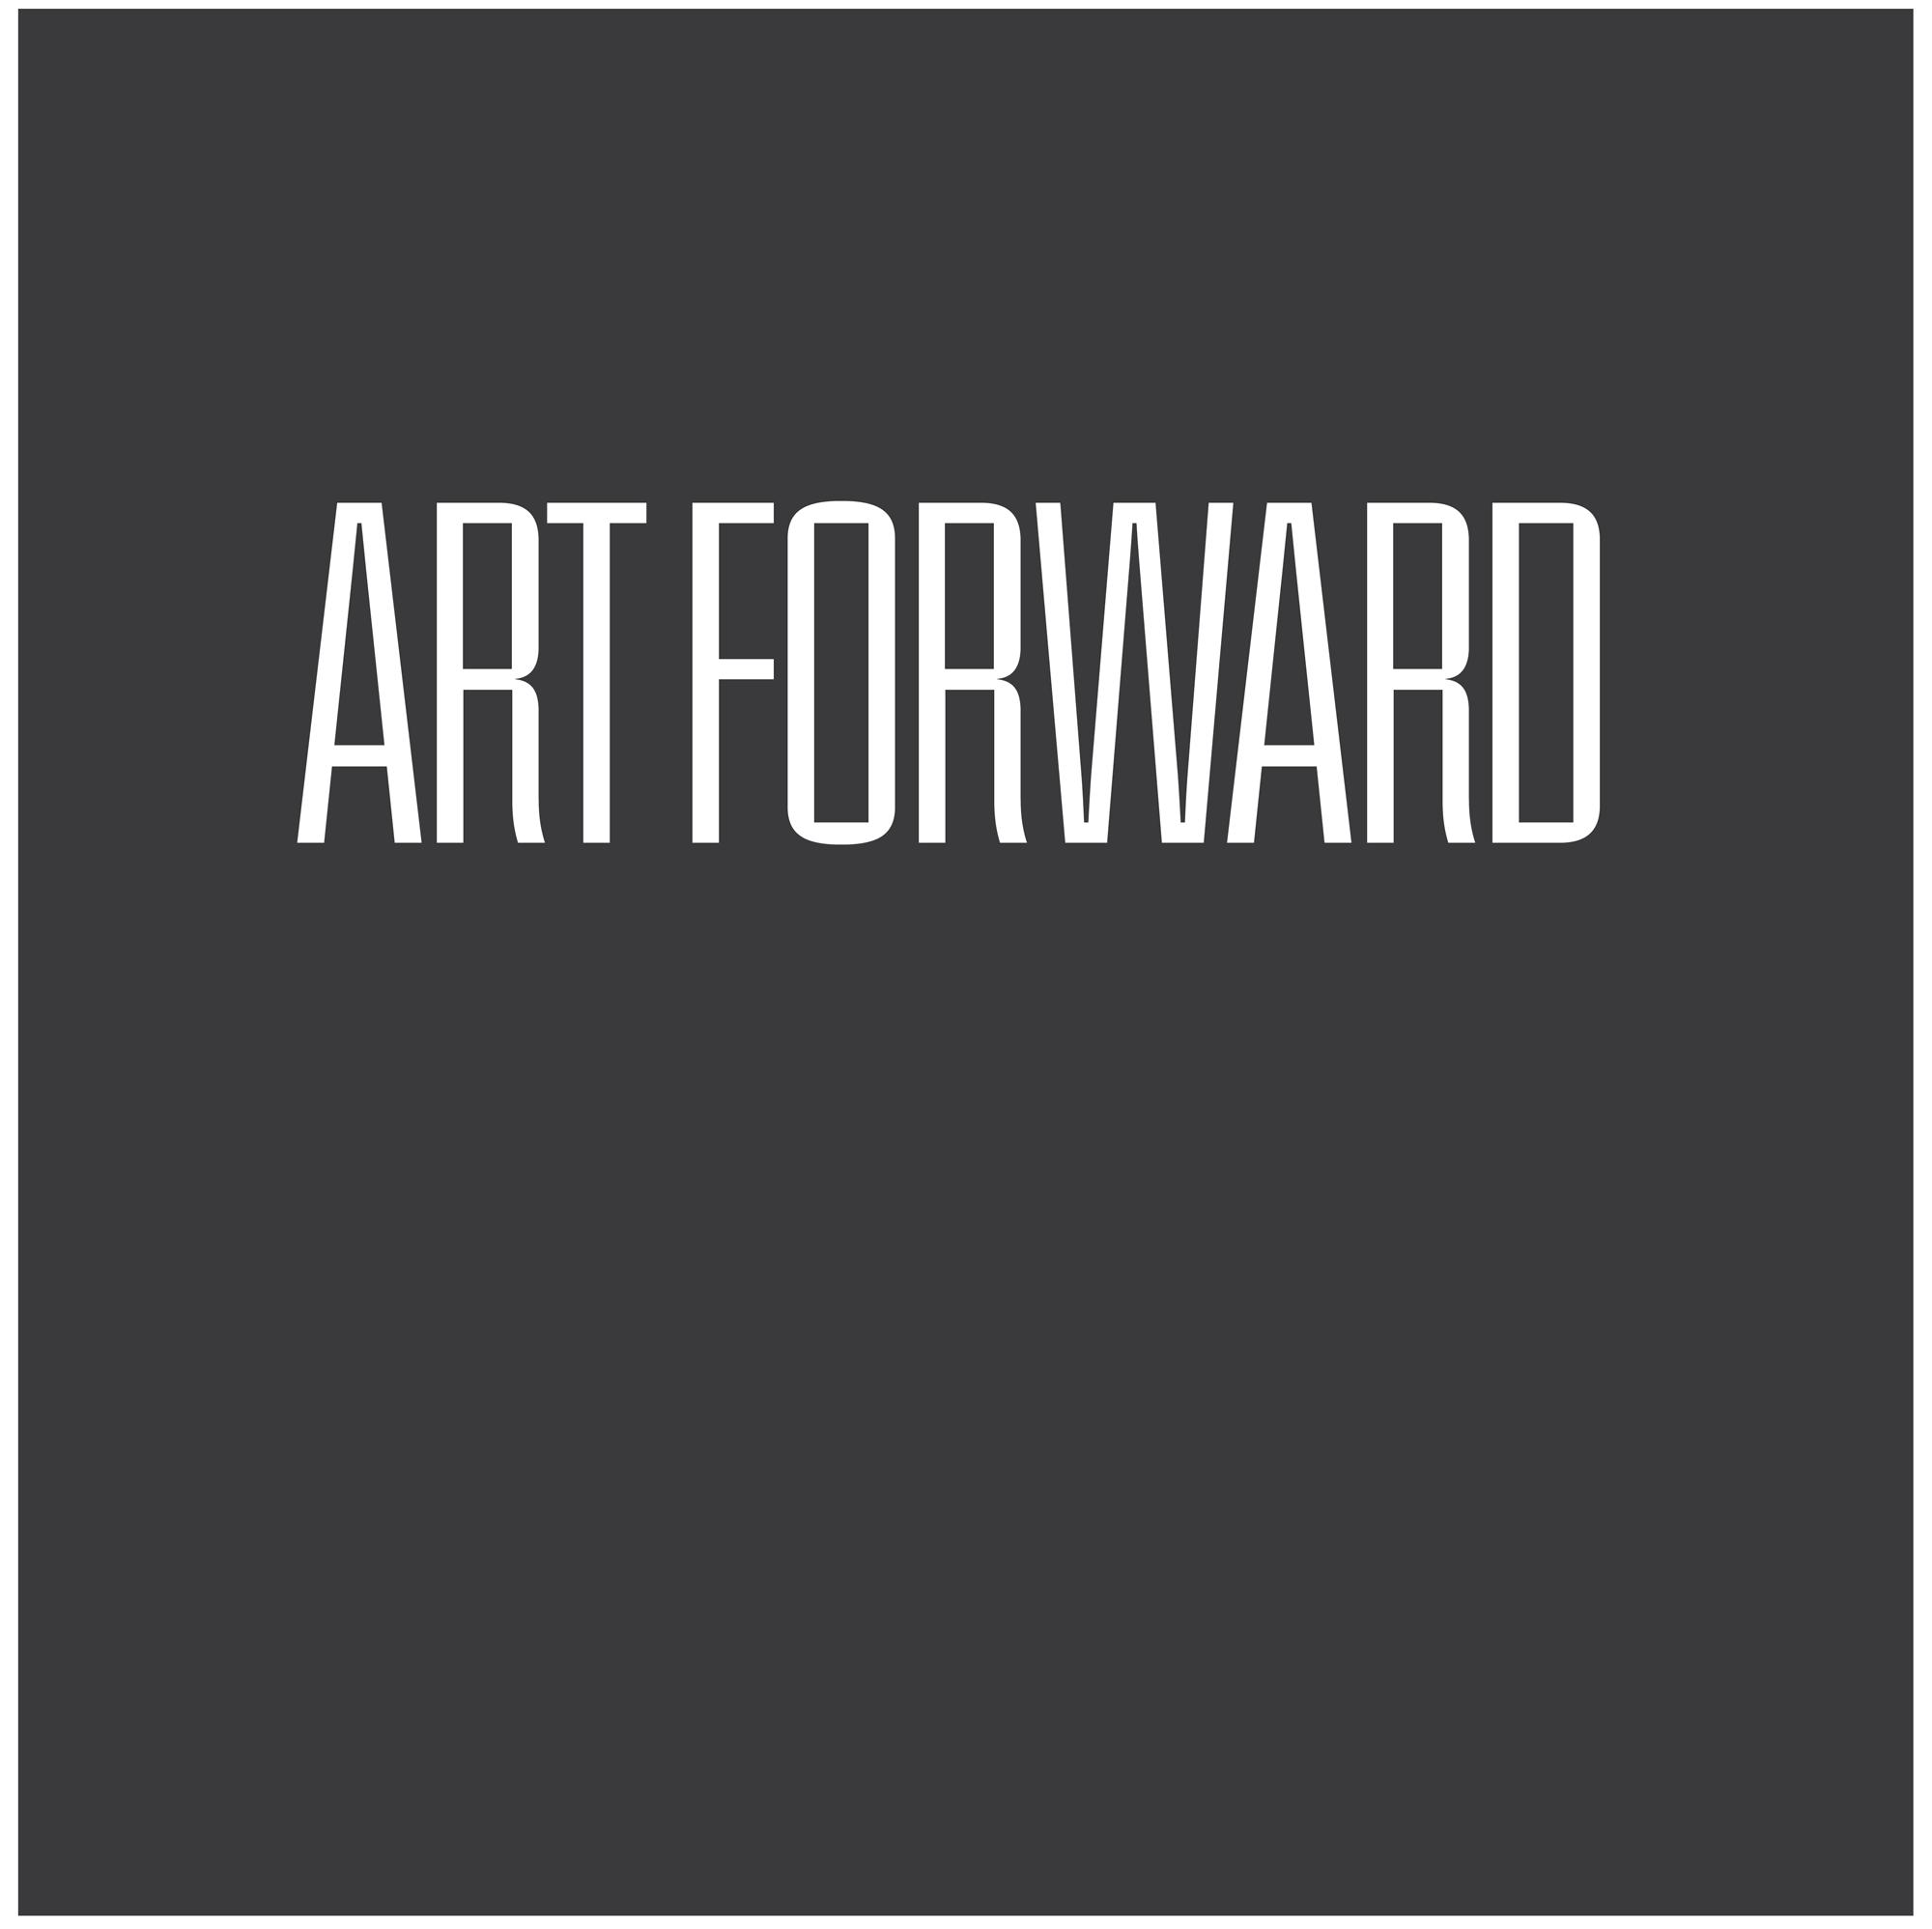 Art Forward